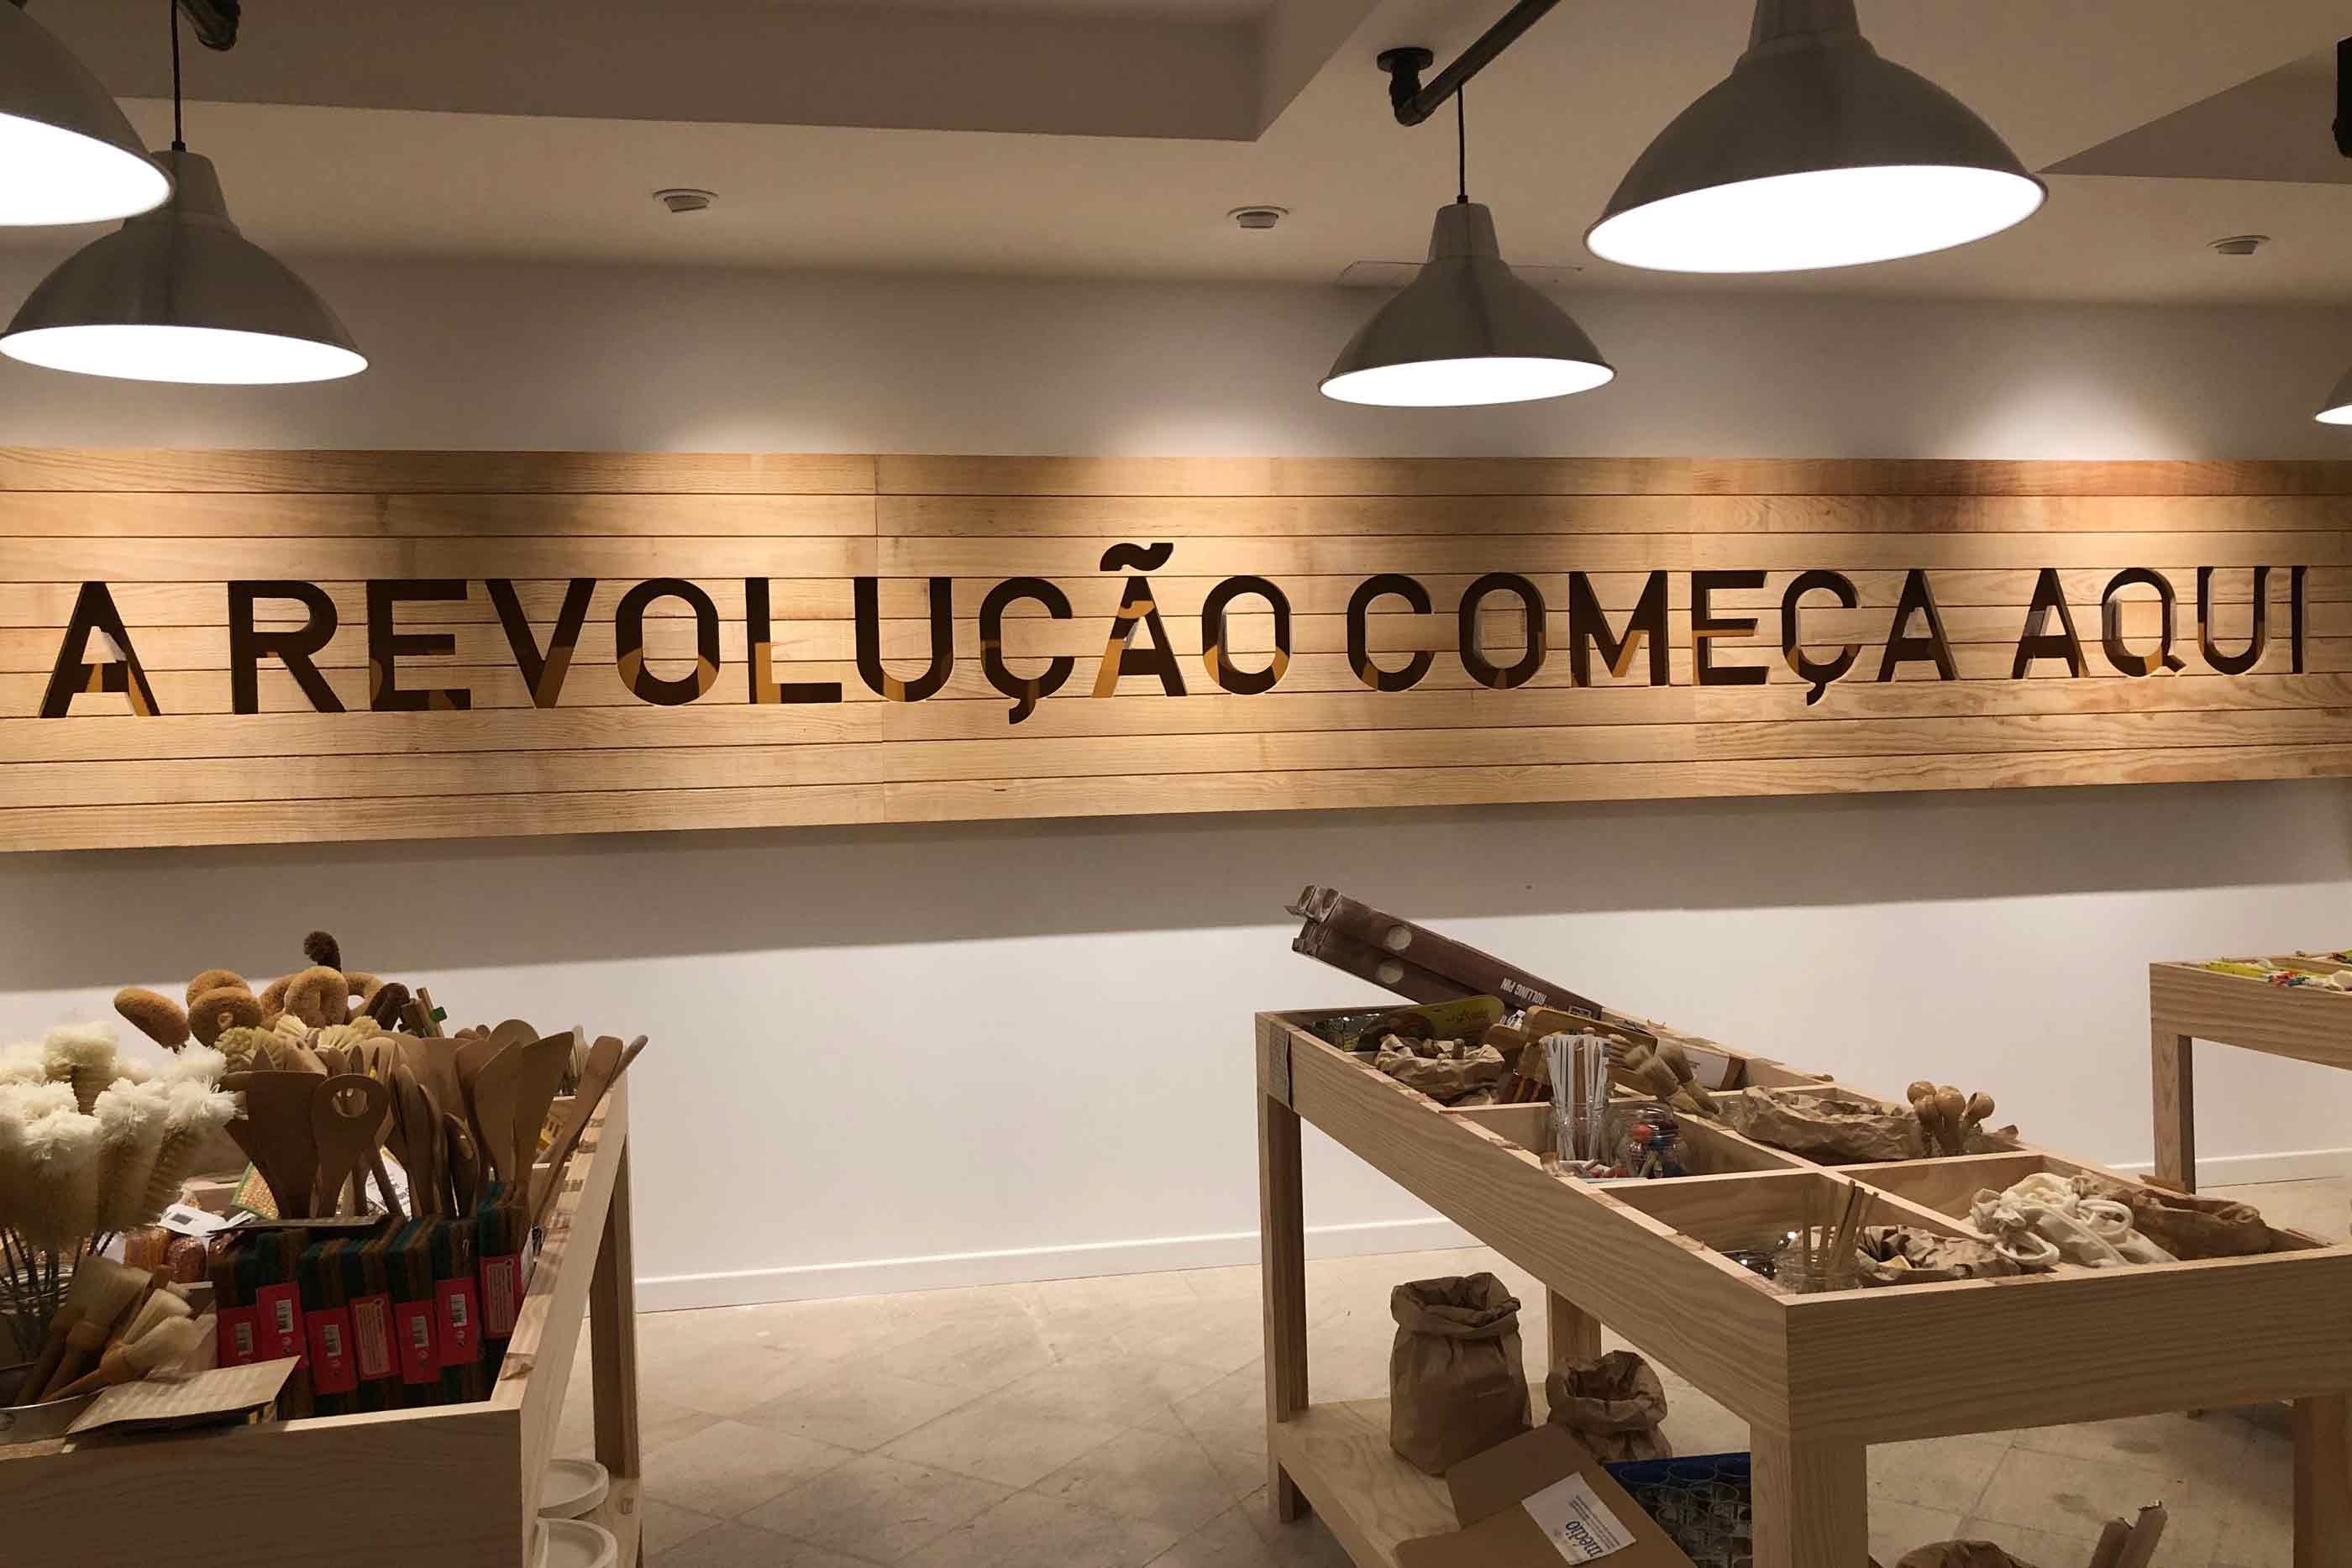 """No andar inferior da loja de Campo de Ourique podemos observar várias estantes com produtos zero waste, vemos um espaço que percebemos ser aquele que é dedicado aos workshops e ao fundo, a ocupar toda a parede, encontramos uma placa em madeira que diz """"A REVOLUÇÃO COMEÇA AQUI""""."""